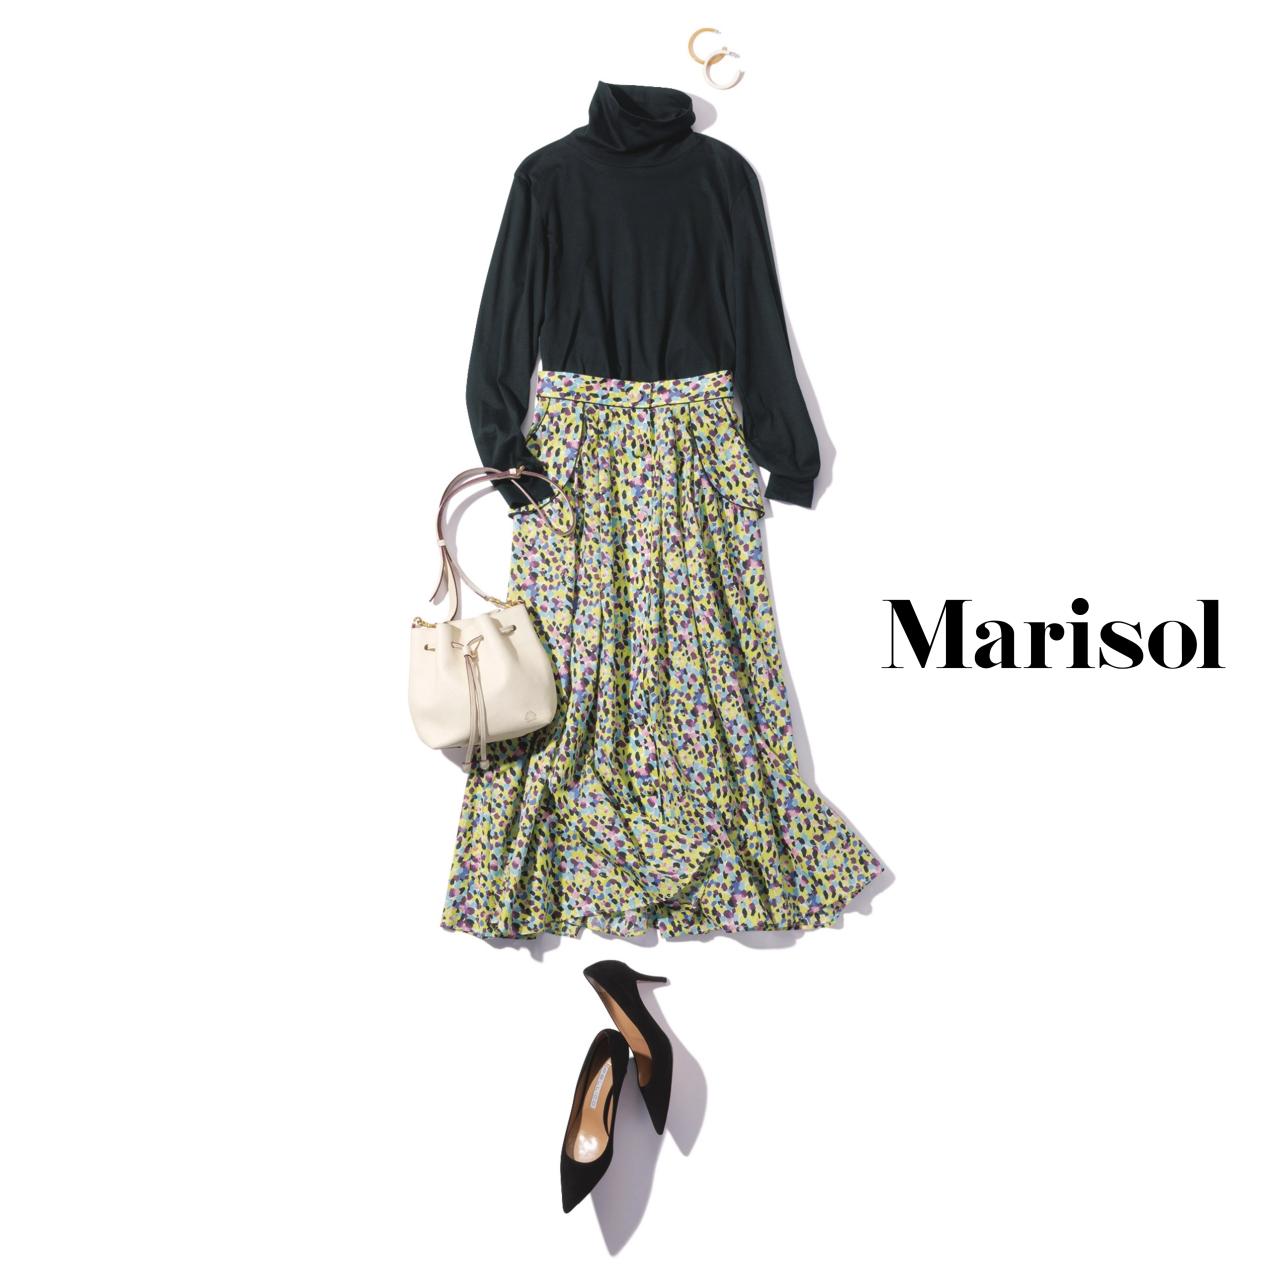 40代ファッション 黒タートルネック×柄ロングスカートコーデ